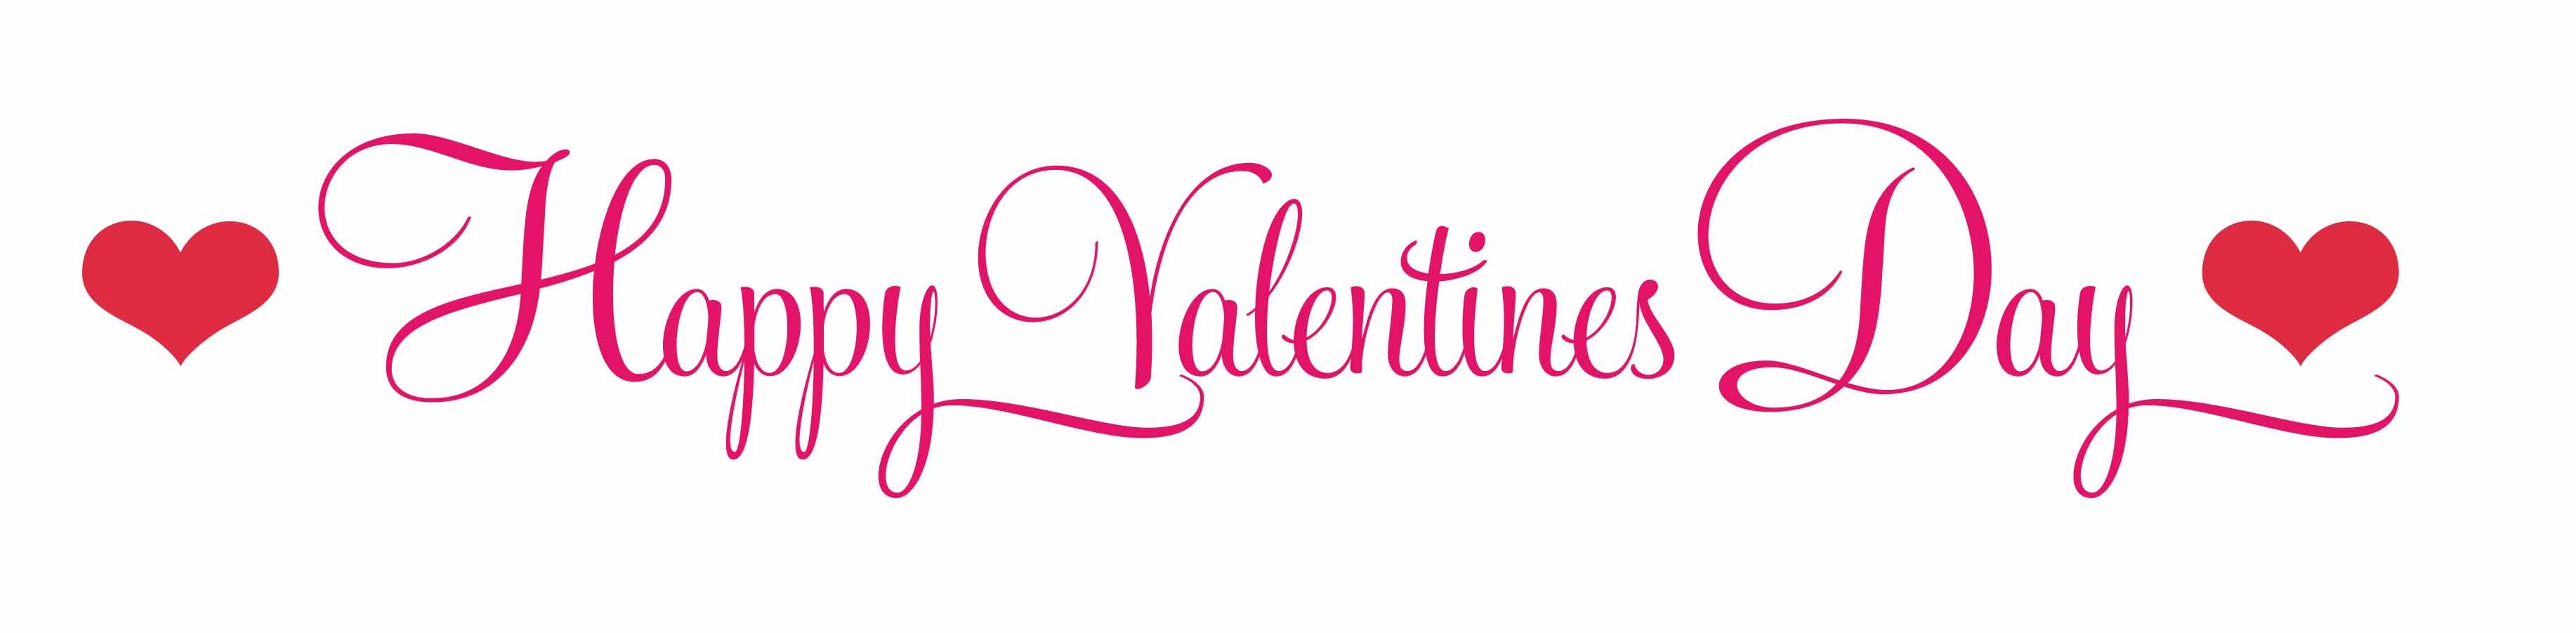 Valentines Day Decor More ...